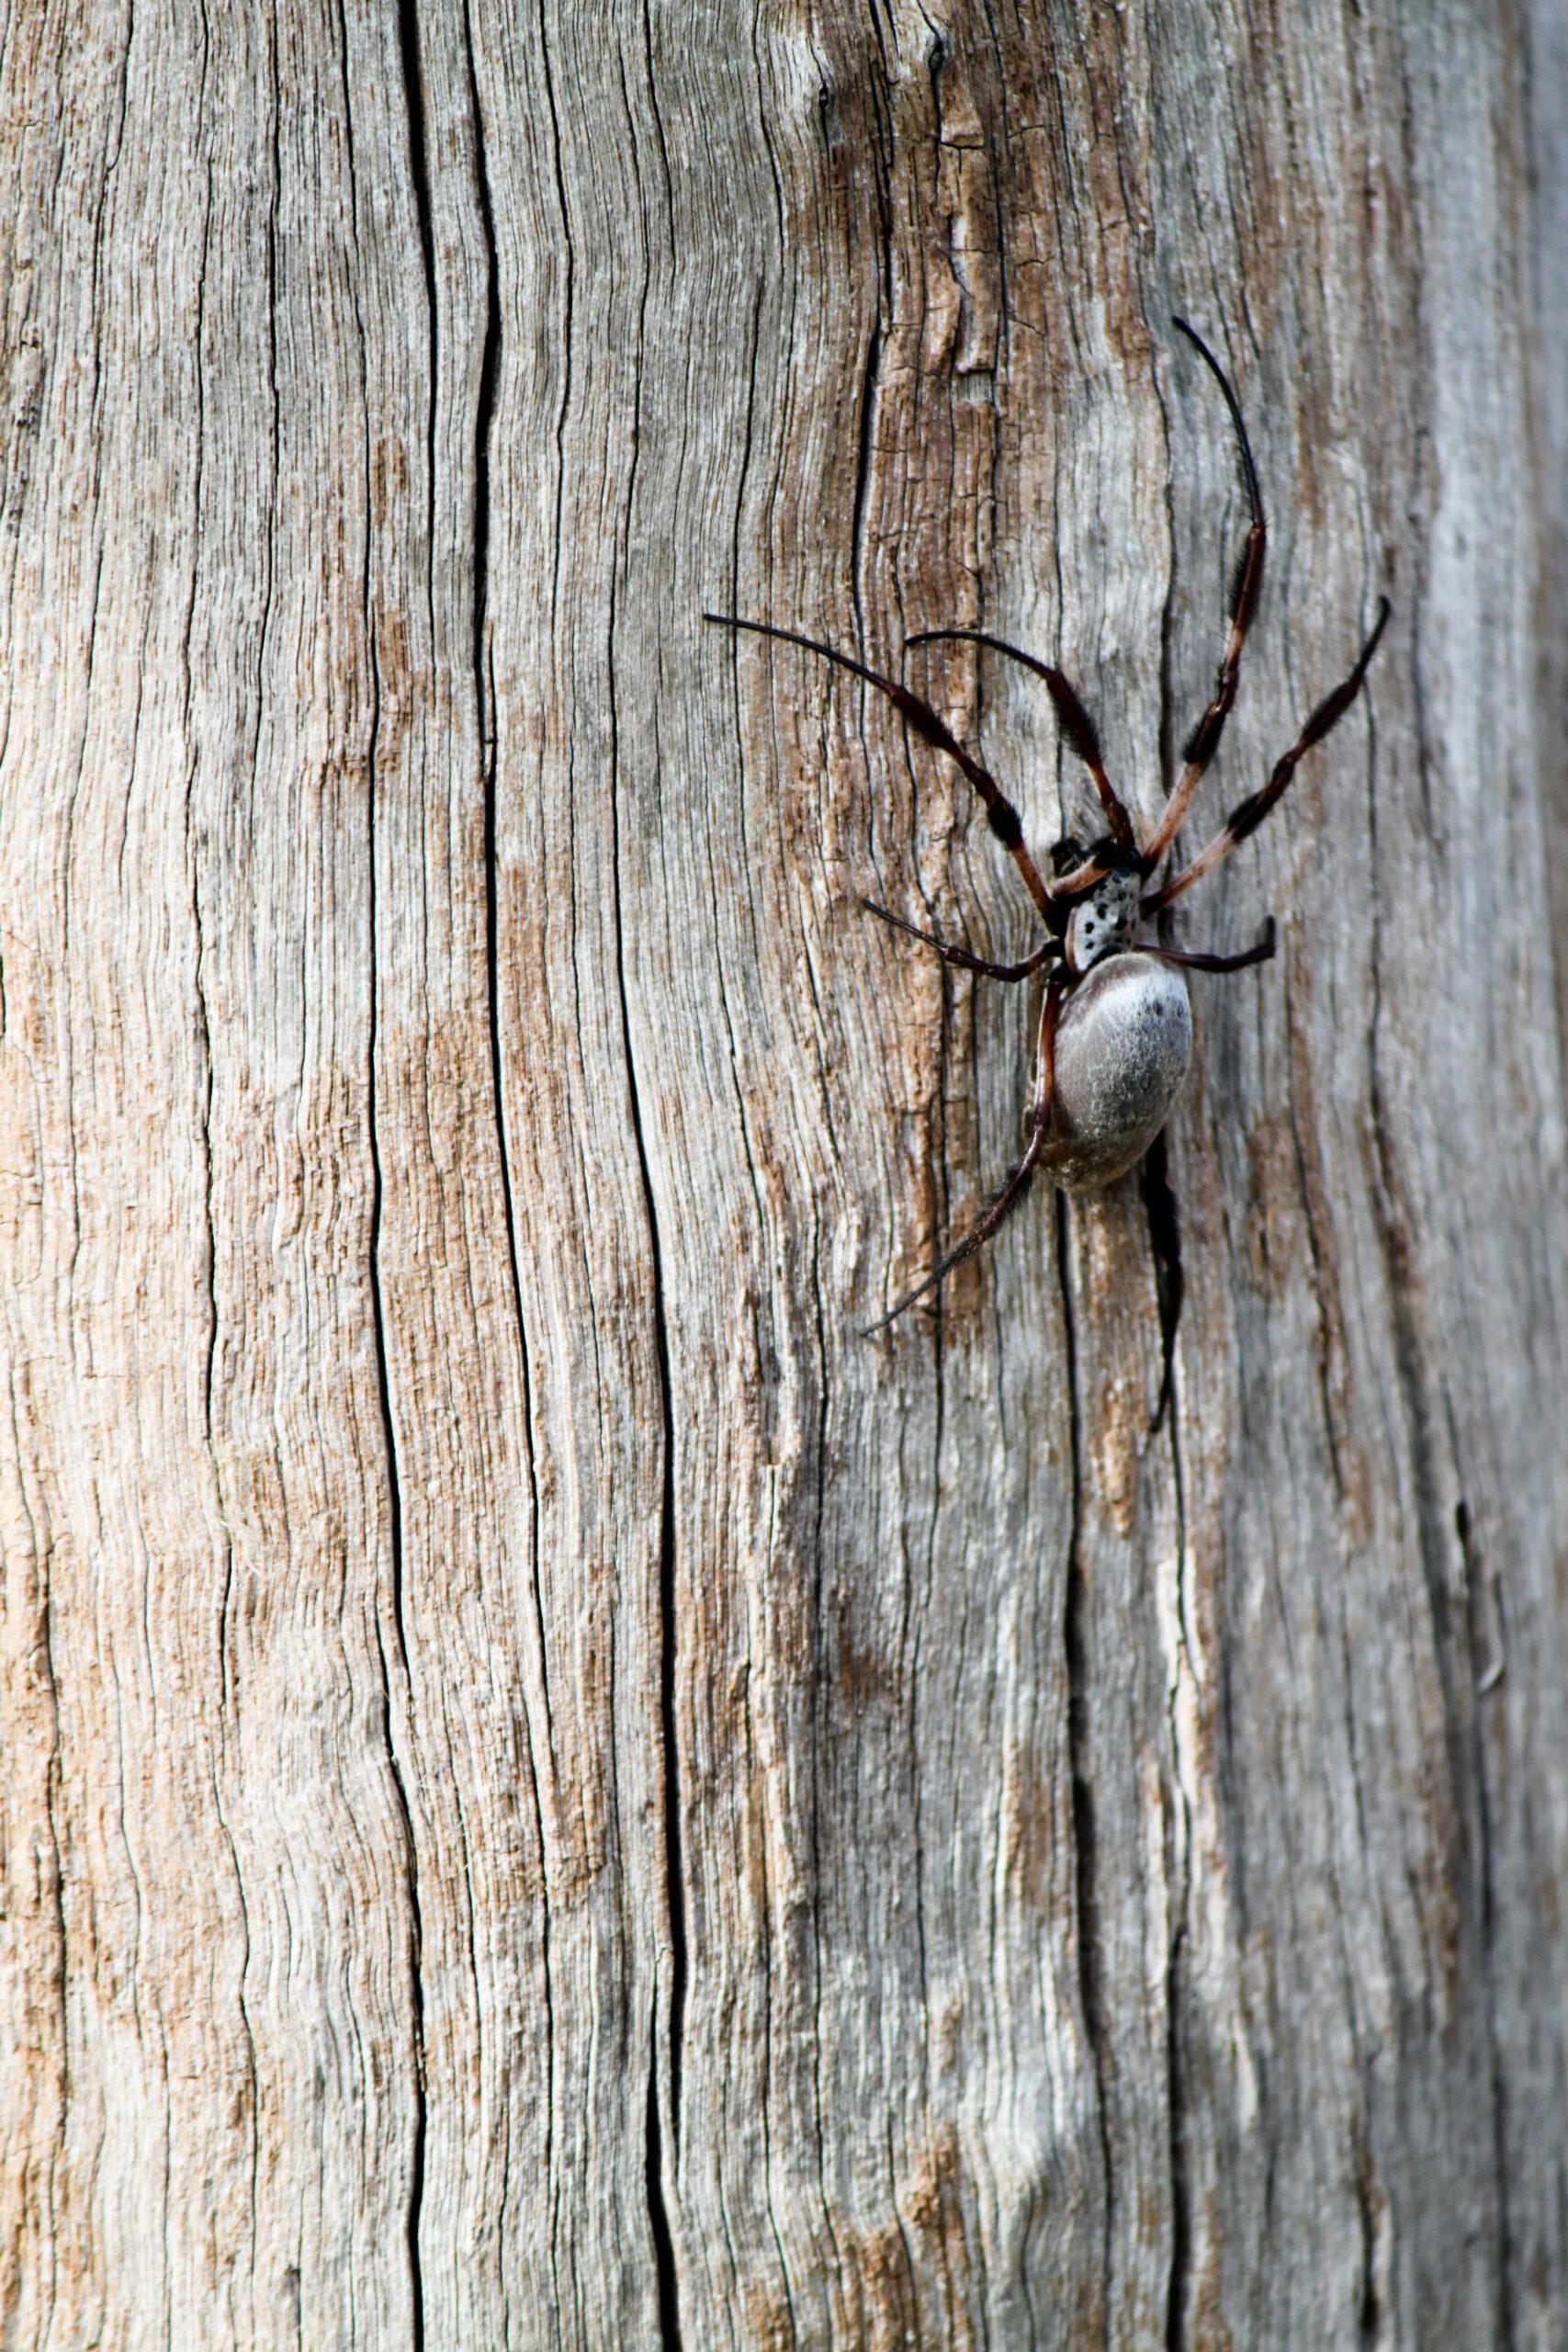 Eastern Golden Orb-Weaving Spider